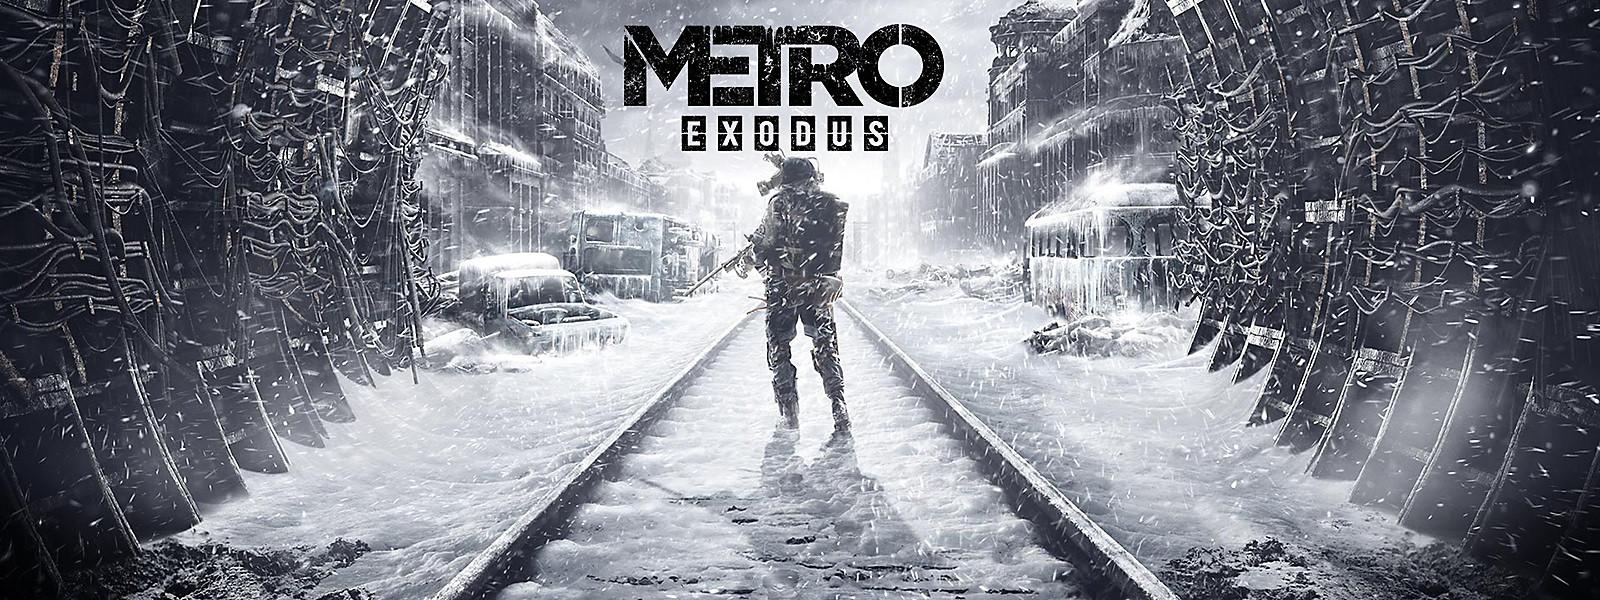 metro-exodus-normal-hero-01-ps4-us-25jan18.jpg